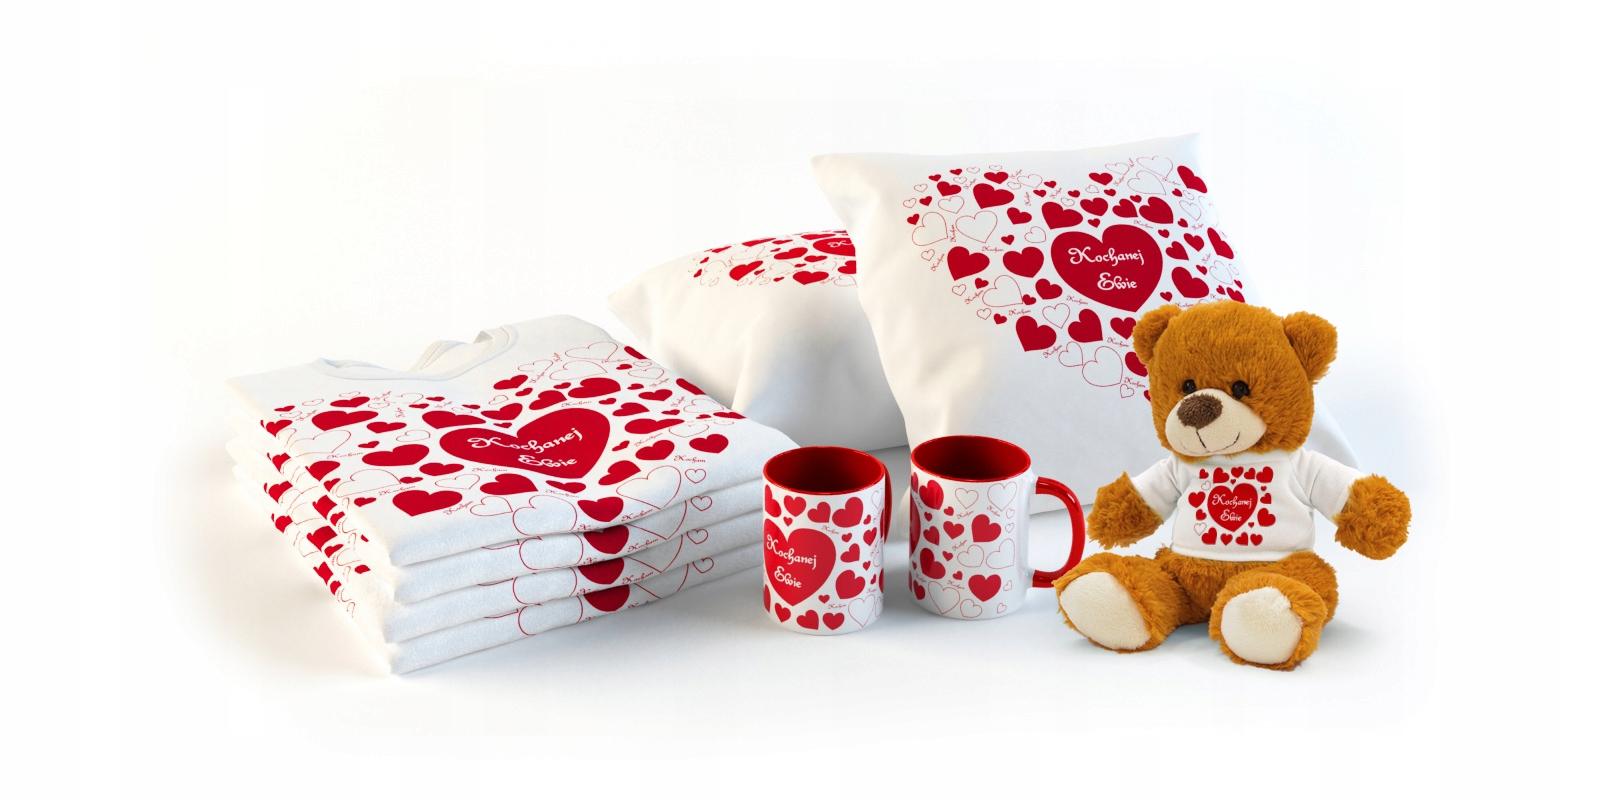 Мега набор подарков ко Дню всех влюбленных